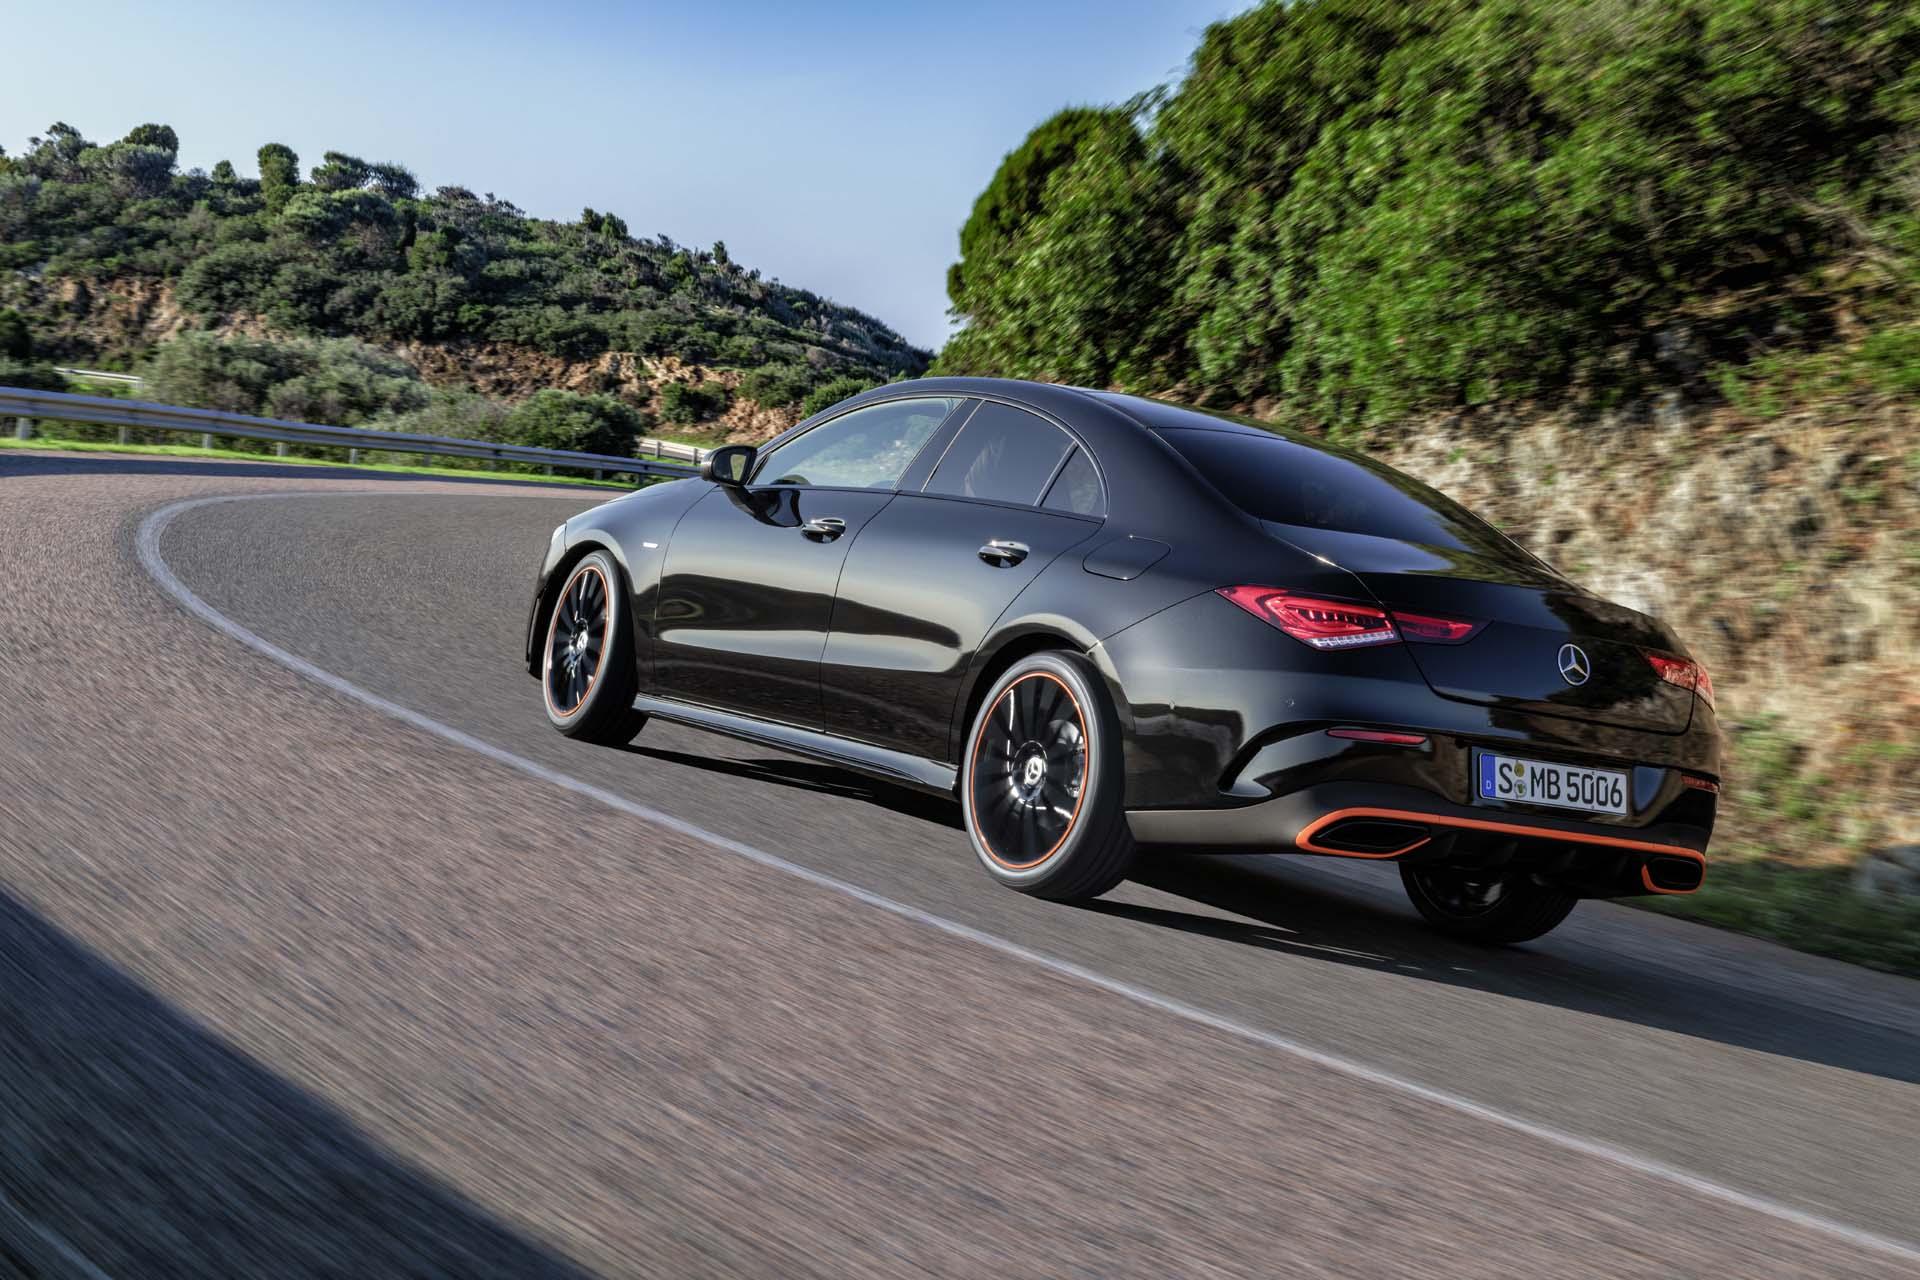 2020 porsche 911 cabrio, 2020 mercedes-benz cla, 2020 bmw 7-series